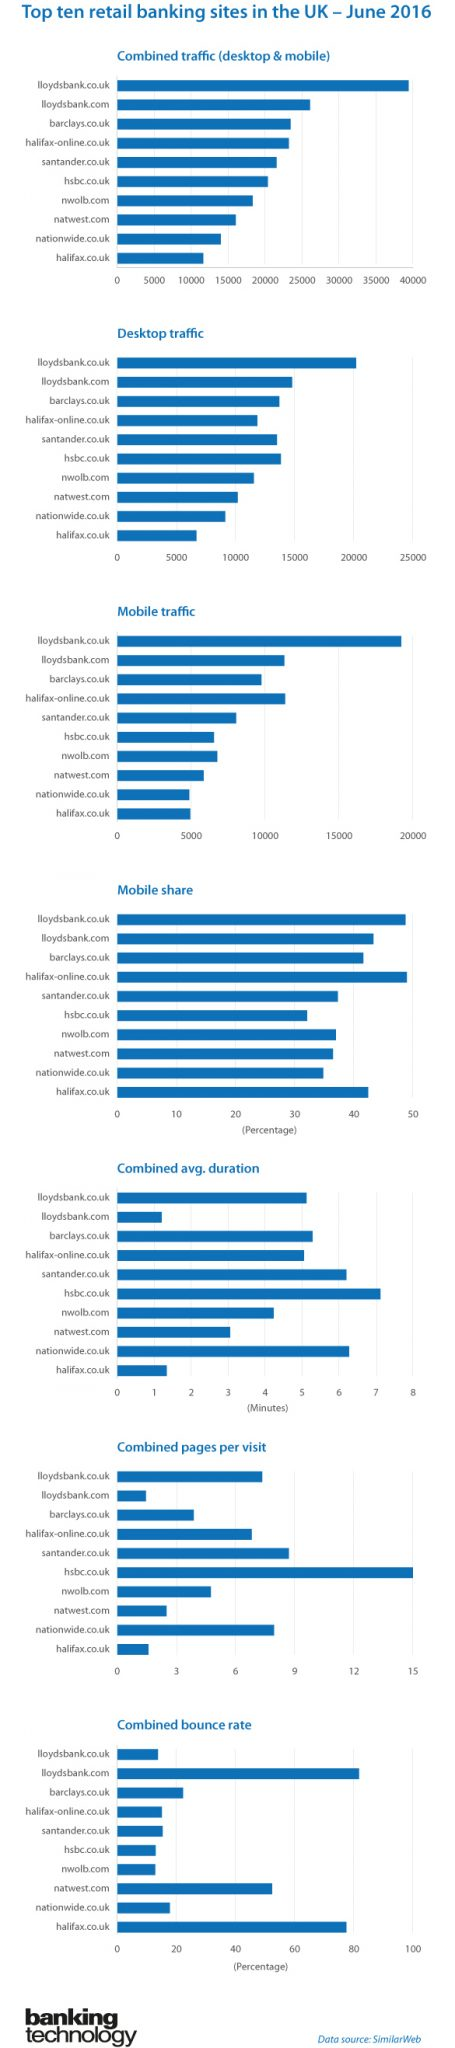 Top retail banking sites UK - June 2016